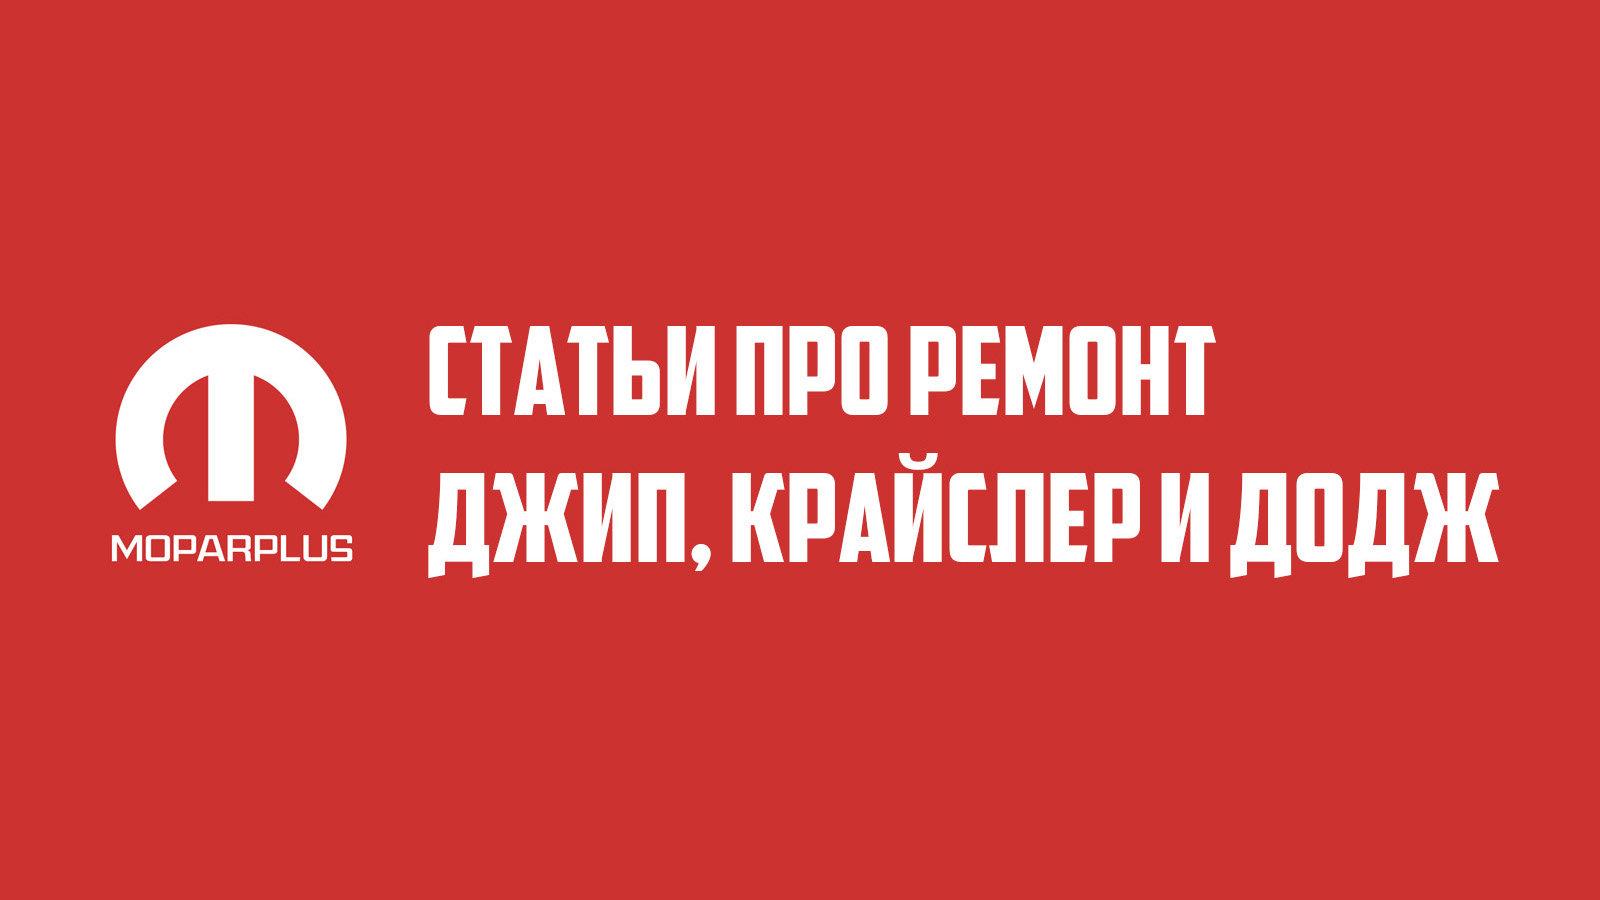 Статьи про ремонт. Выпуск №27.